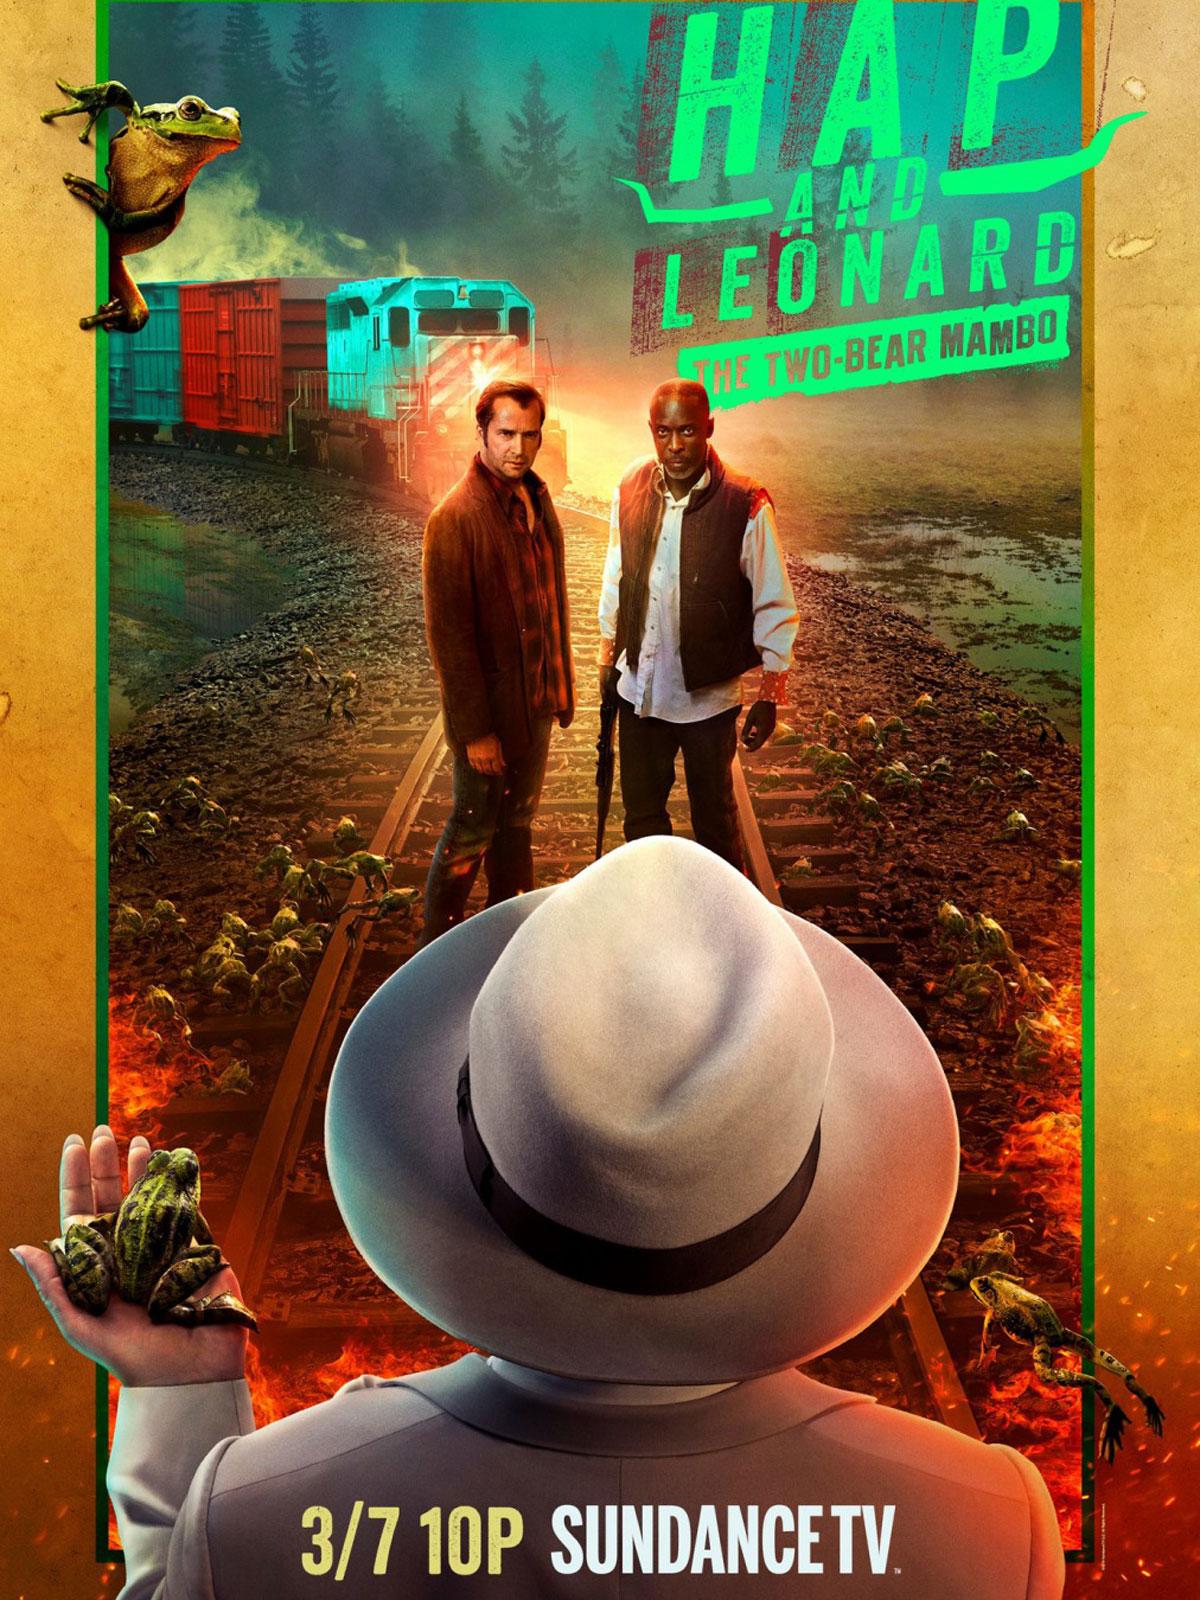 Affiche de la série Hap and Leonard